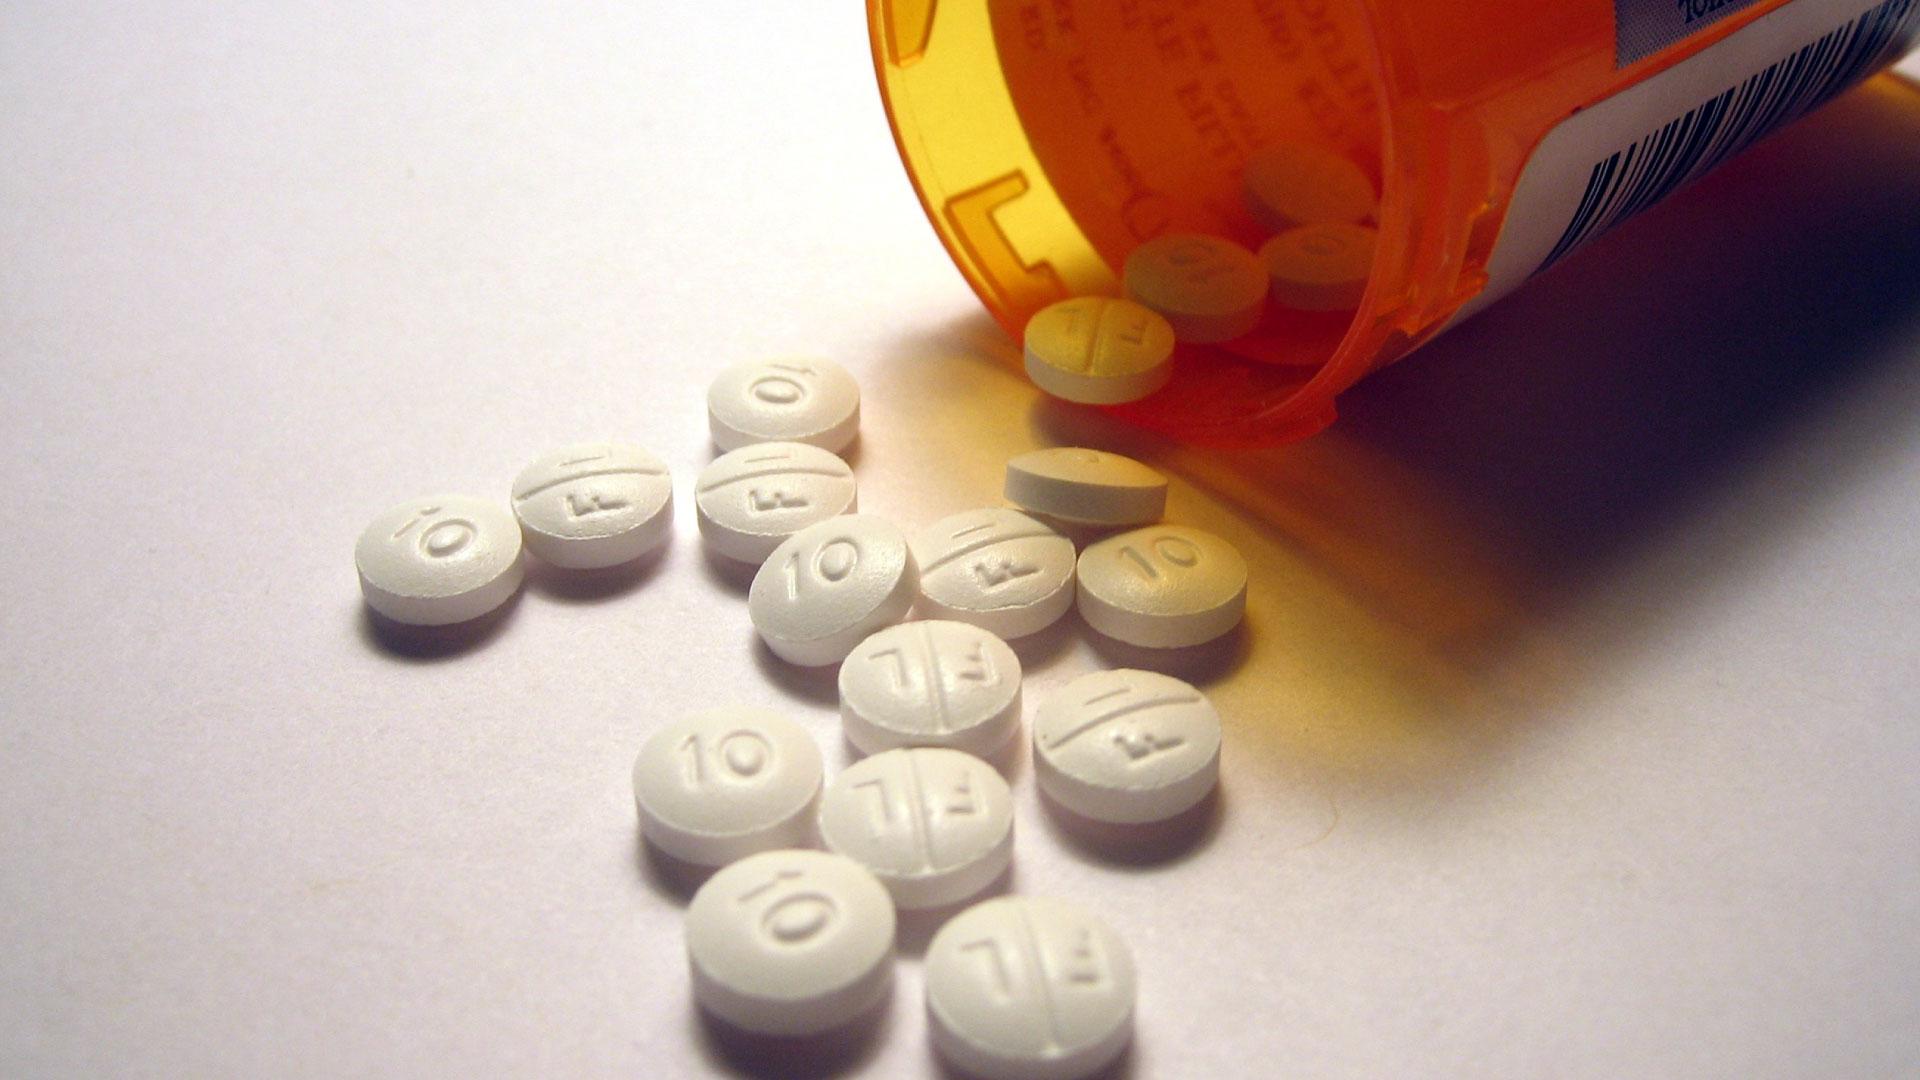 En esta Masterclass <b>Analgésicos menores, mayores y puros</b>, impartida por Luis Amador, estudiaremos los analgésicos como uno de los más importantes en la actividad cotidiana de los odontólogos. Analizaremos en profundidad los tipos de <b>analgésicos</b>: menores, mayores y puros. Veremos también la escala analgésica del dolor de la OMS, además de estudiar fármacos concretos como el paracetamol, ibuprofeno o metamizol. <br /><br />  Para cualquier tratamiento es vital y necesario tener un perfecto conocimiento de los <b>analgésicos</b>. Gracias a esta Masterclass <b>Analgésicos menores, mayores y puros</b> conseguiremos dominar y conocer el uso, tipos y diferencias entre los <b>medicamentos analgésicos</b>. En definitiva, mediante un estudio y conocimiento a fondo de los <b>analgésicos</b> conseguirás evitar o reducir el dolor de tus pacientes. <br /><br />  Todas nuestras Masterclass están impartidas por los mayores expertos en odontología. Gracias a nuestra Masterclass <b>Analgésicos menores, mayores y puros</b> y otras como esta, que forman parte de la serie <b>Farmacología en odontología</b>, podrás desarrollar y actualizar tus conocimientos sobre los diferentes tipos de fármacos que son utilizados en Odontología: <b>analgésicos</b>, antibióticos, opiáceos, corticosteroides, sedantes y protectores gástricos. Se estudiará su clasificación, cómo y cuándo deben utilizarse, así como sus contraindicaciones y algunas situaciones especiales,alcanzando una formación avanzada y permitiéndote profundizar en <b>Analgésicos</b> con criterios científicos y de excelencia, abordando las últimas tendencias y técnicas más actuales en el sector odontológico. <br /><br />  Desde Knotgroup Dental Institute te invitamos a que explores a través de nuestra web y encuentres otras masterclass como <b>Analgésicos menores, mayores y puros</b> para actualizar tus conocimientos y aplicarlos a tu clínica dental, así como la amplia gama de cursos que ofrecemos también sobre <b>Analgésicos